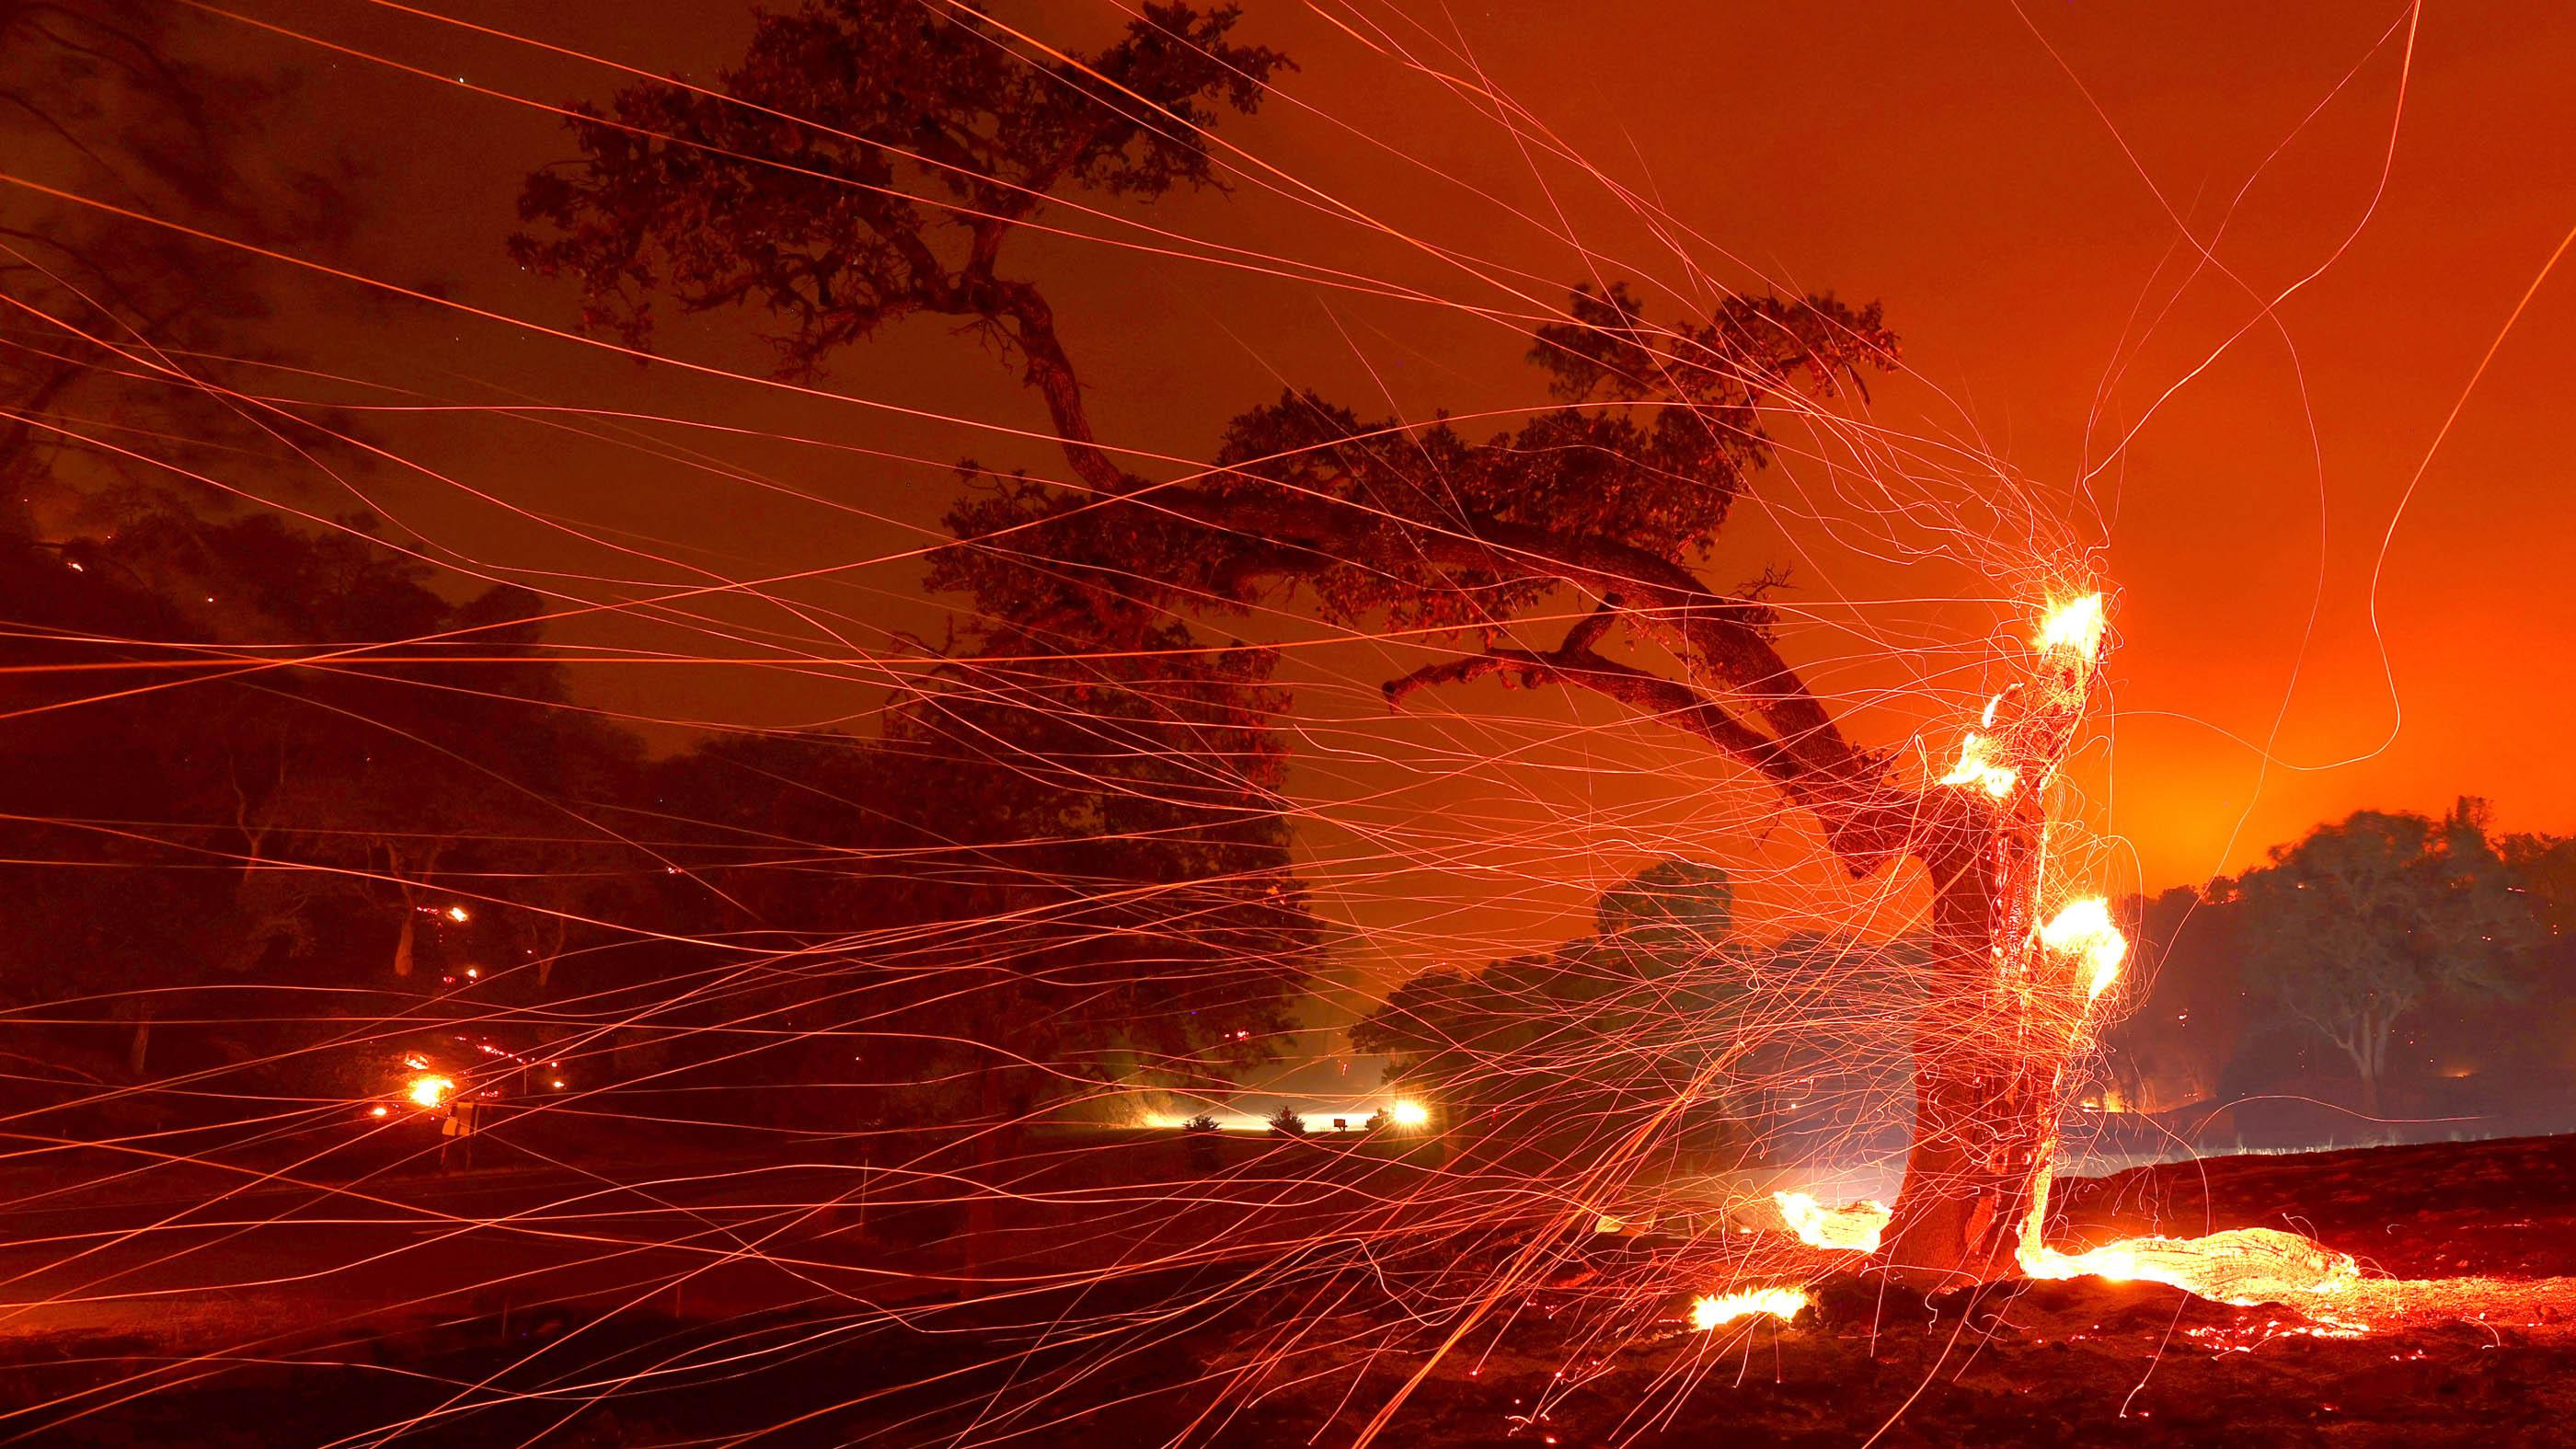 Les braises soufflent un arbre brûlé après l'incendie du complexe Lightning LNU qui a brûlé dans la région le 18 août 2020 à Napa, en Californie.